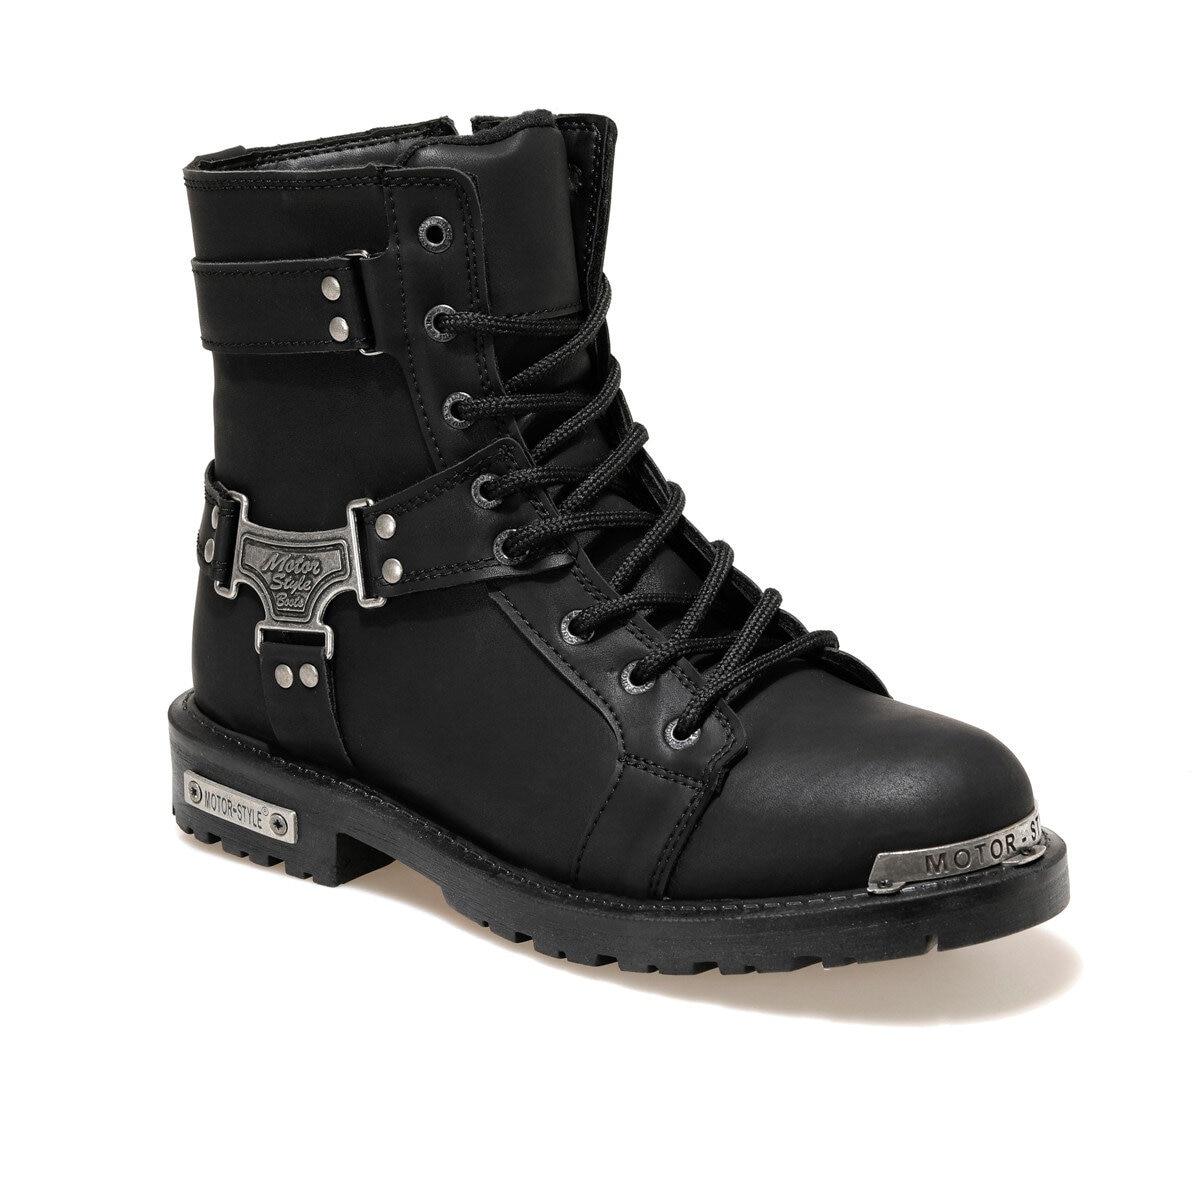 EC-2029 الأسود الرجال الأحذية الرياضية